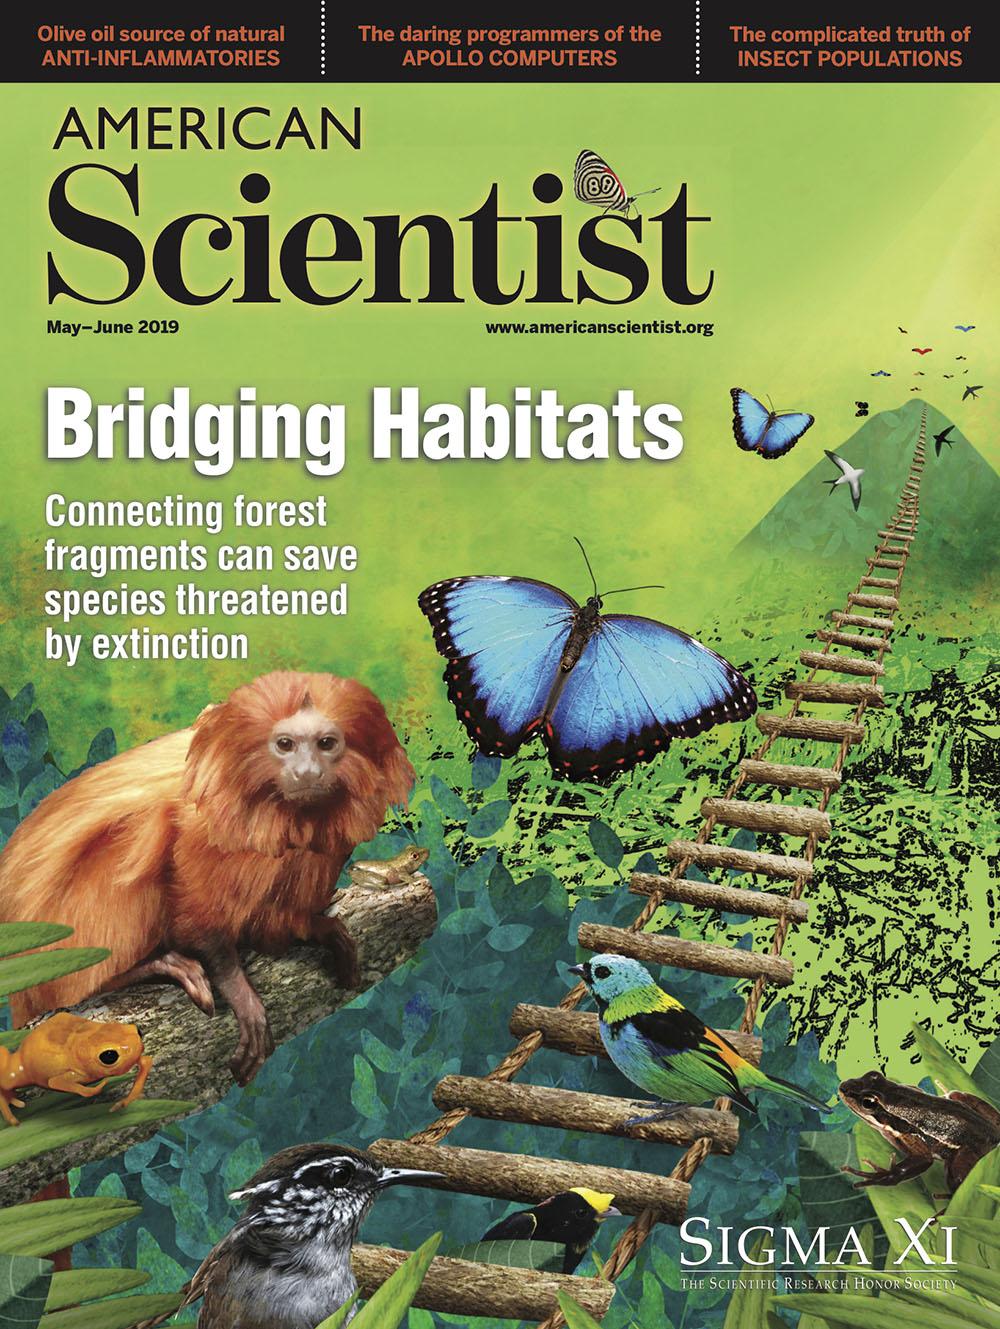 Bridging Habitats